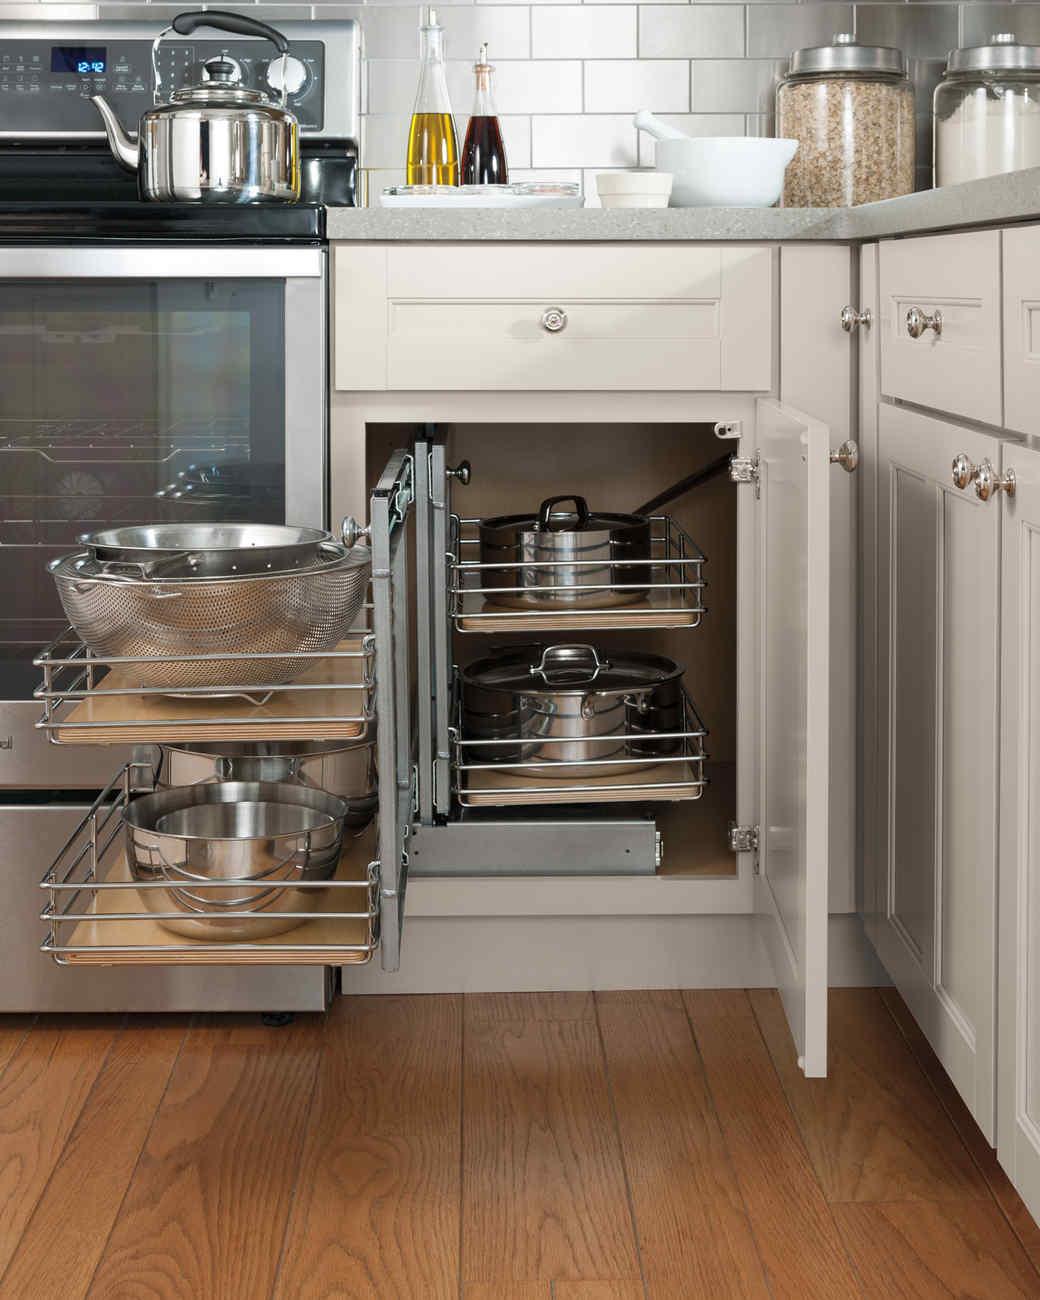 Organizing your kitchen hardware